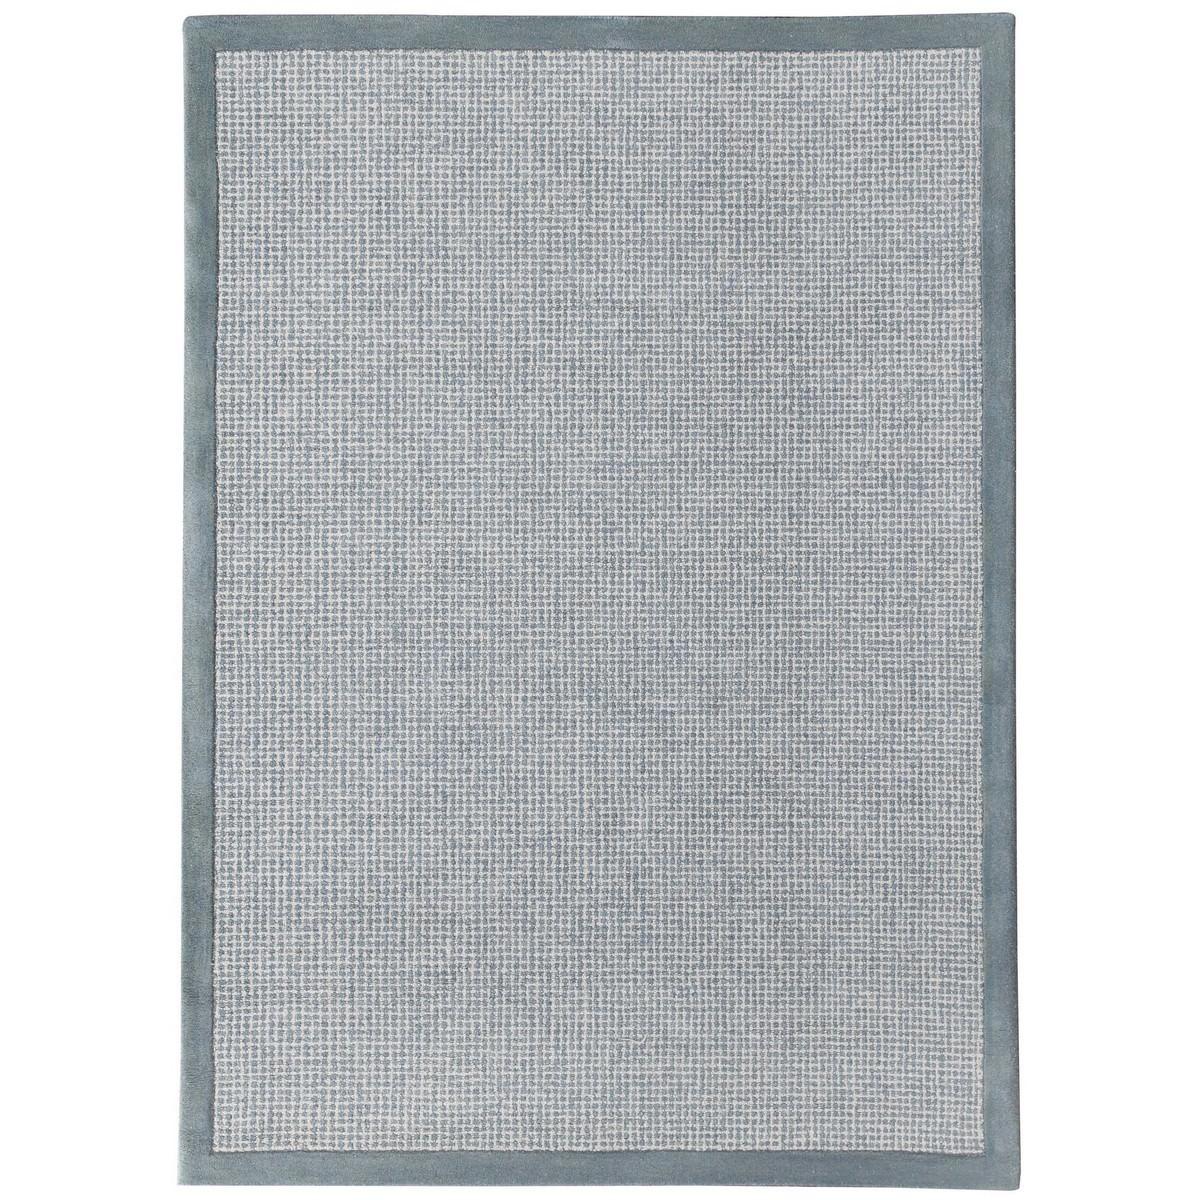 Idina Hand Tuffted Wool Rug, 190x280cm, Aqua